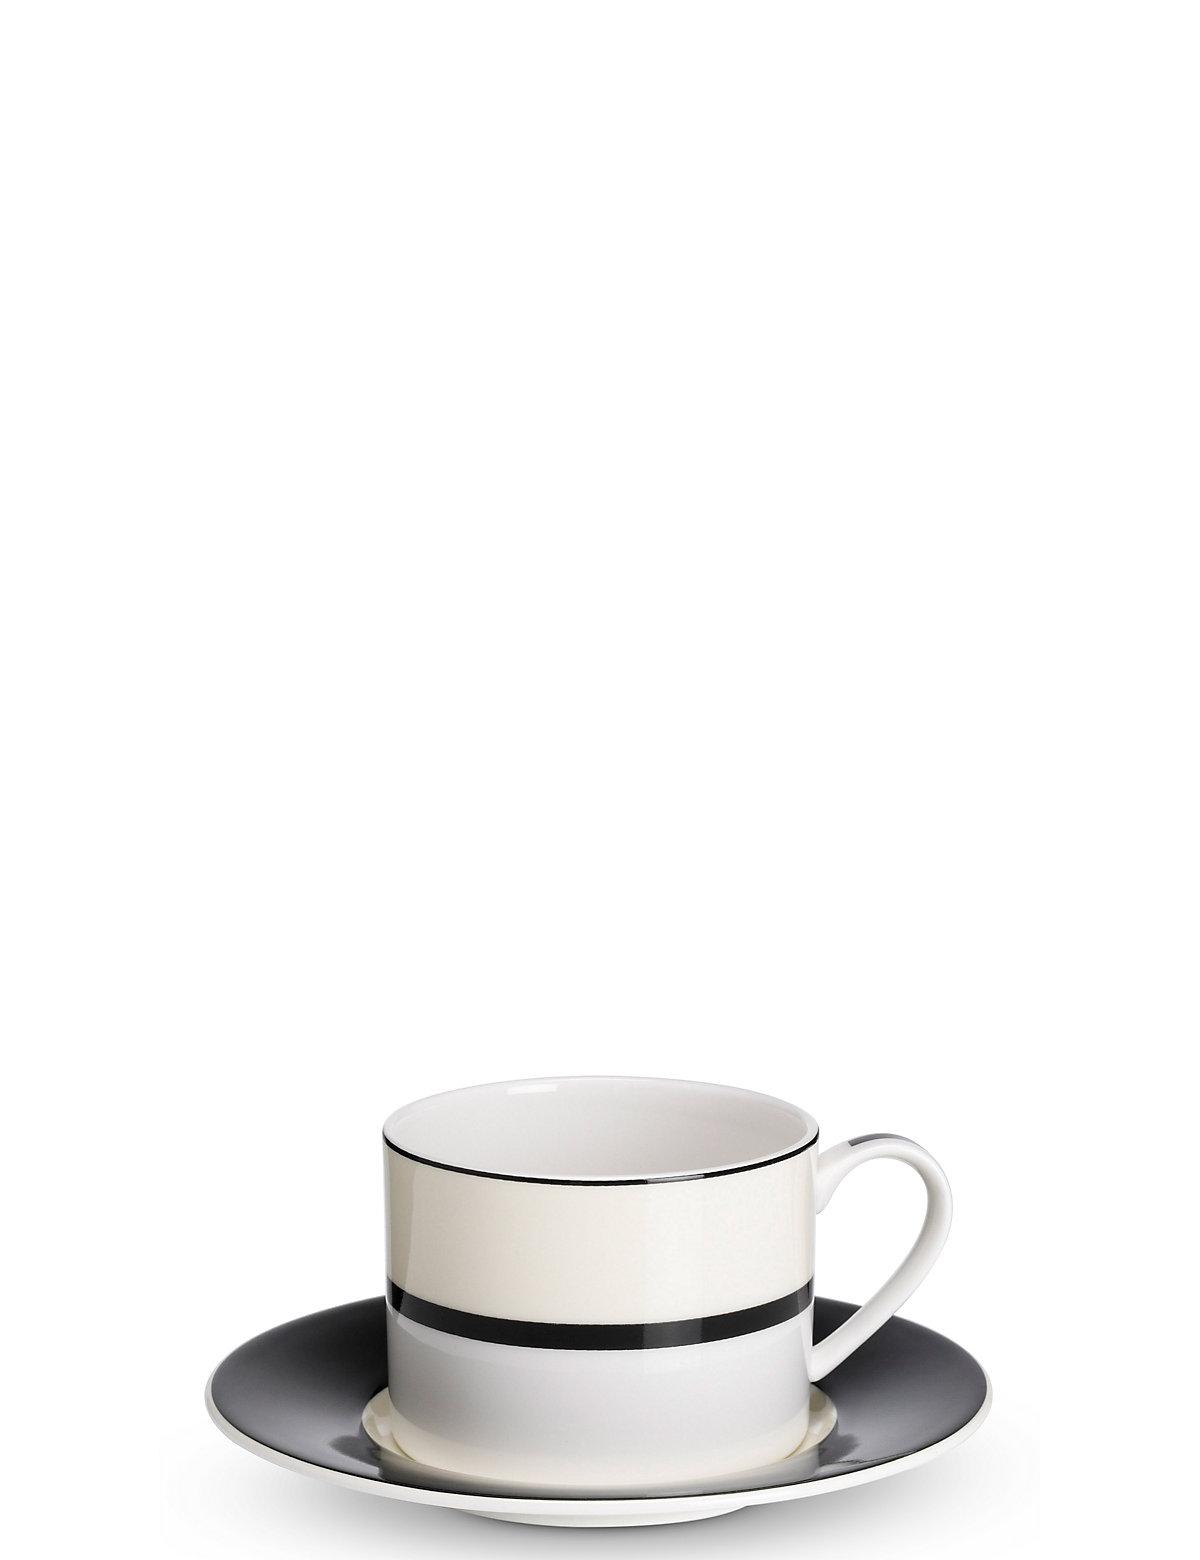 Manhattan Cup & Saucer Set